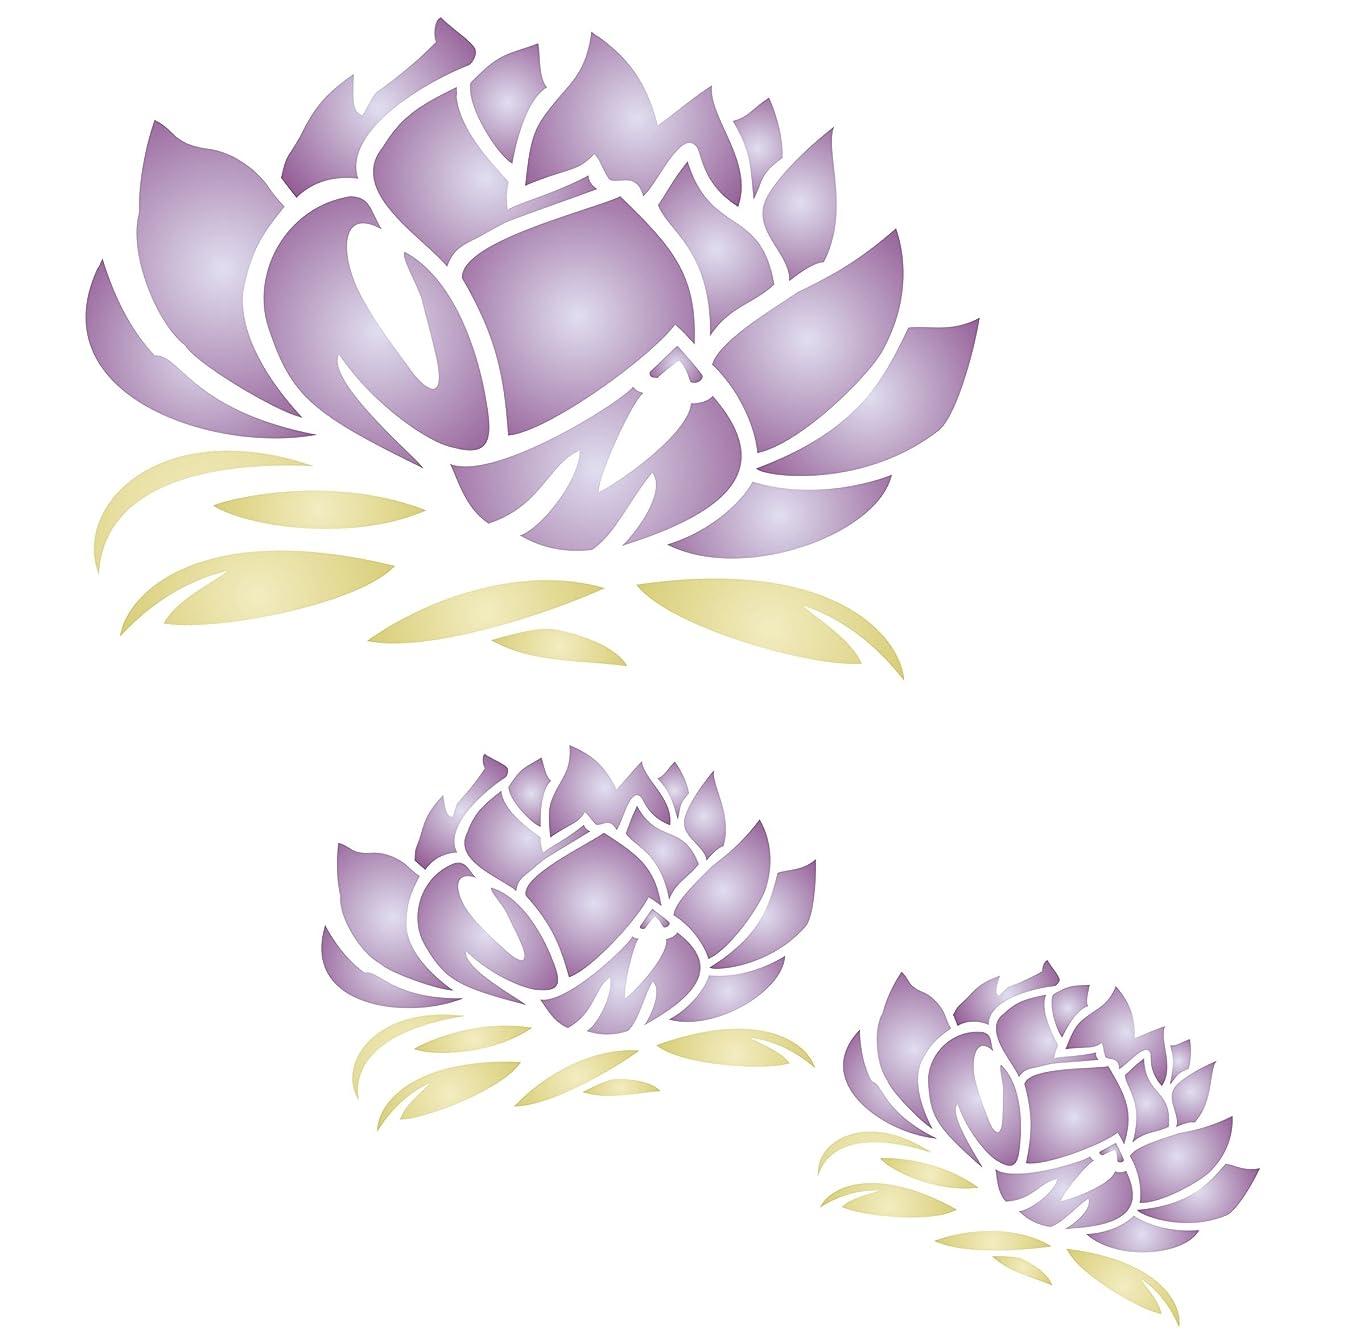 Lotus Blossom Mural Stencil - (size 10.5